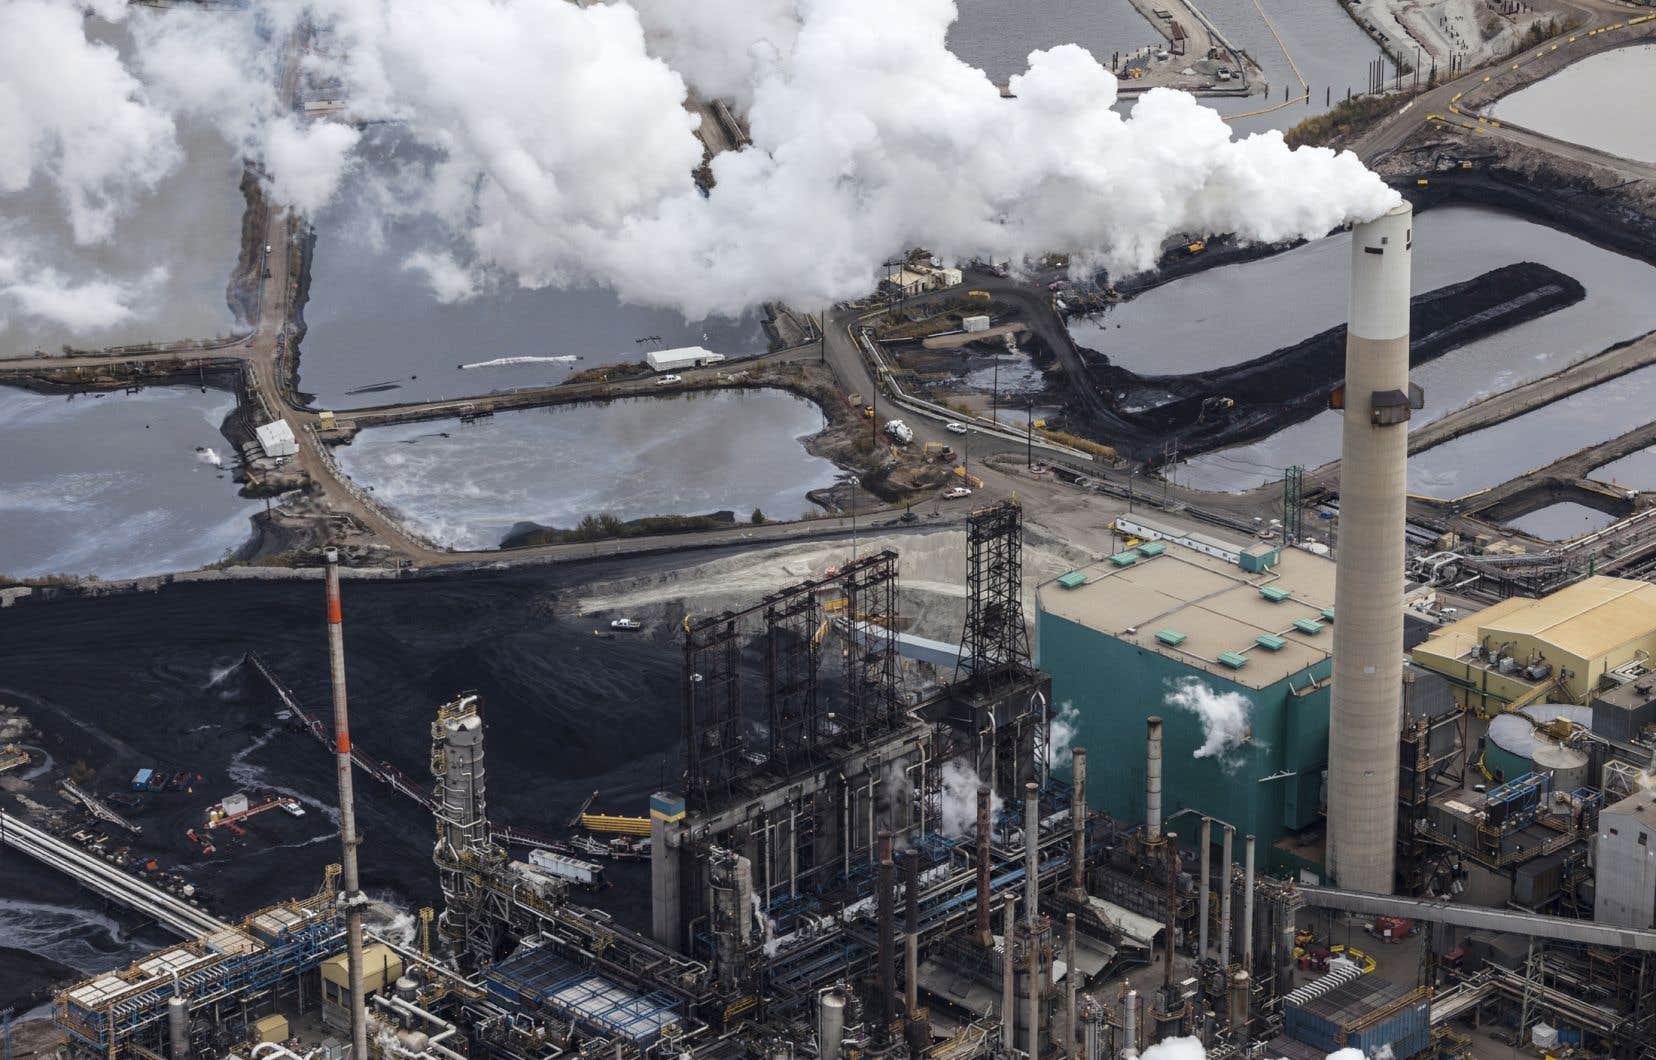 «Il est préférable, d'un point de vue écologique, que le Québec s'approvisionne en pétrole léger des États-Unis plutôt qu'en pétrole sale, plus polluant, des sables bitumineux», estime l'auteur.